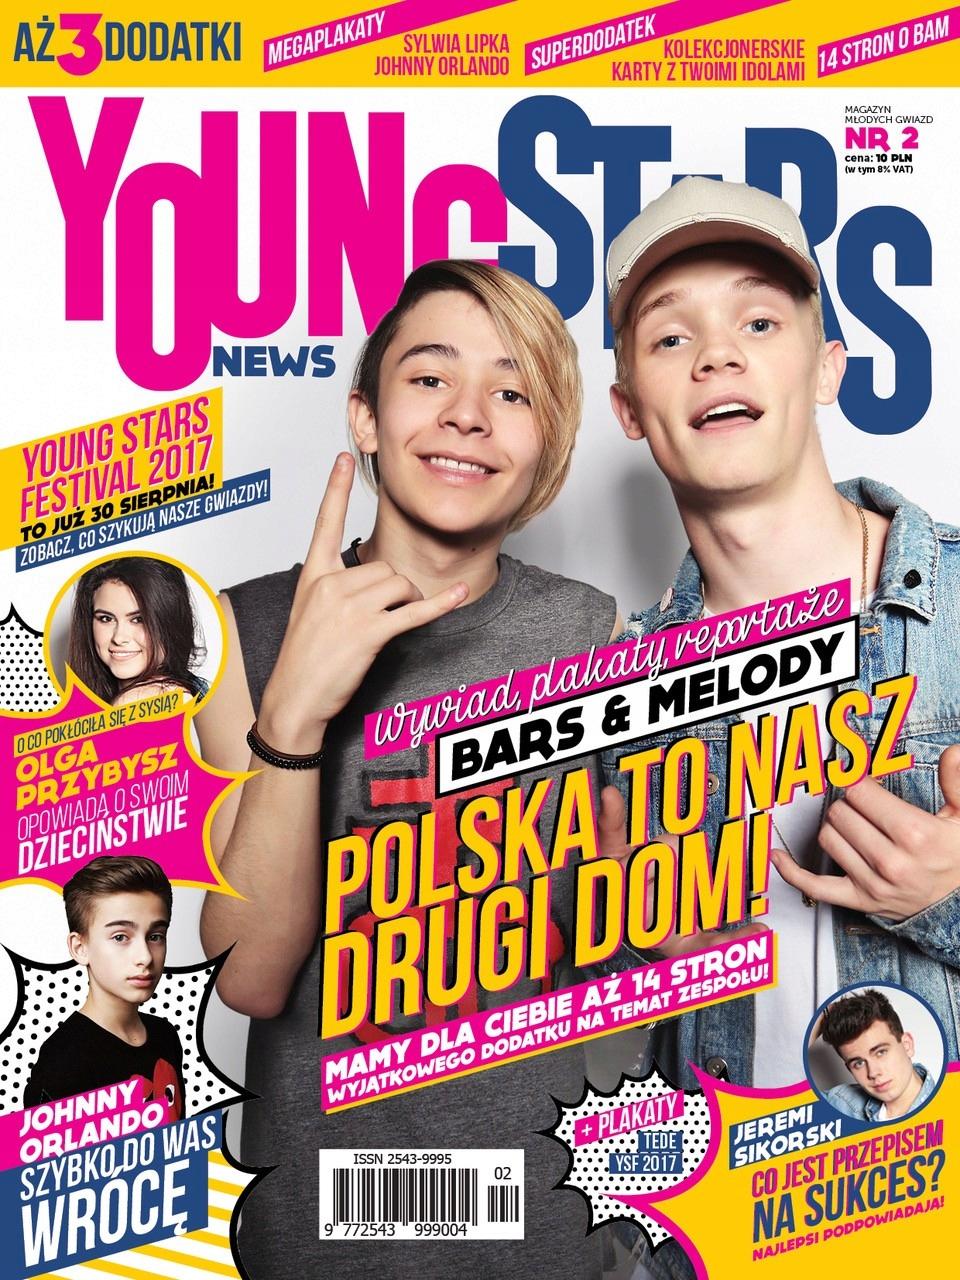 Young Stars News 2 [WYSYŁKA24H]